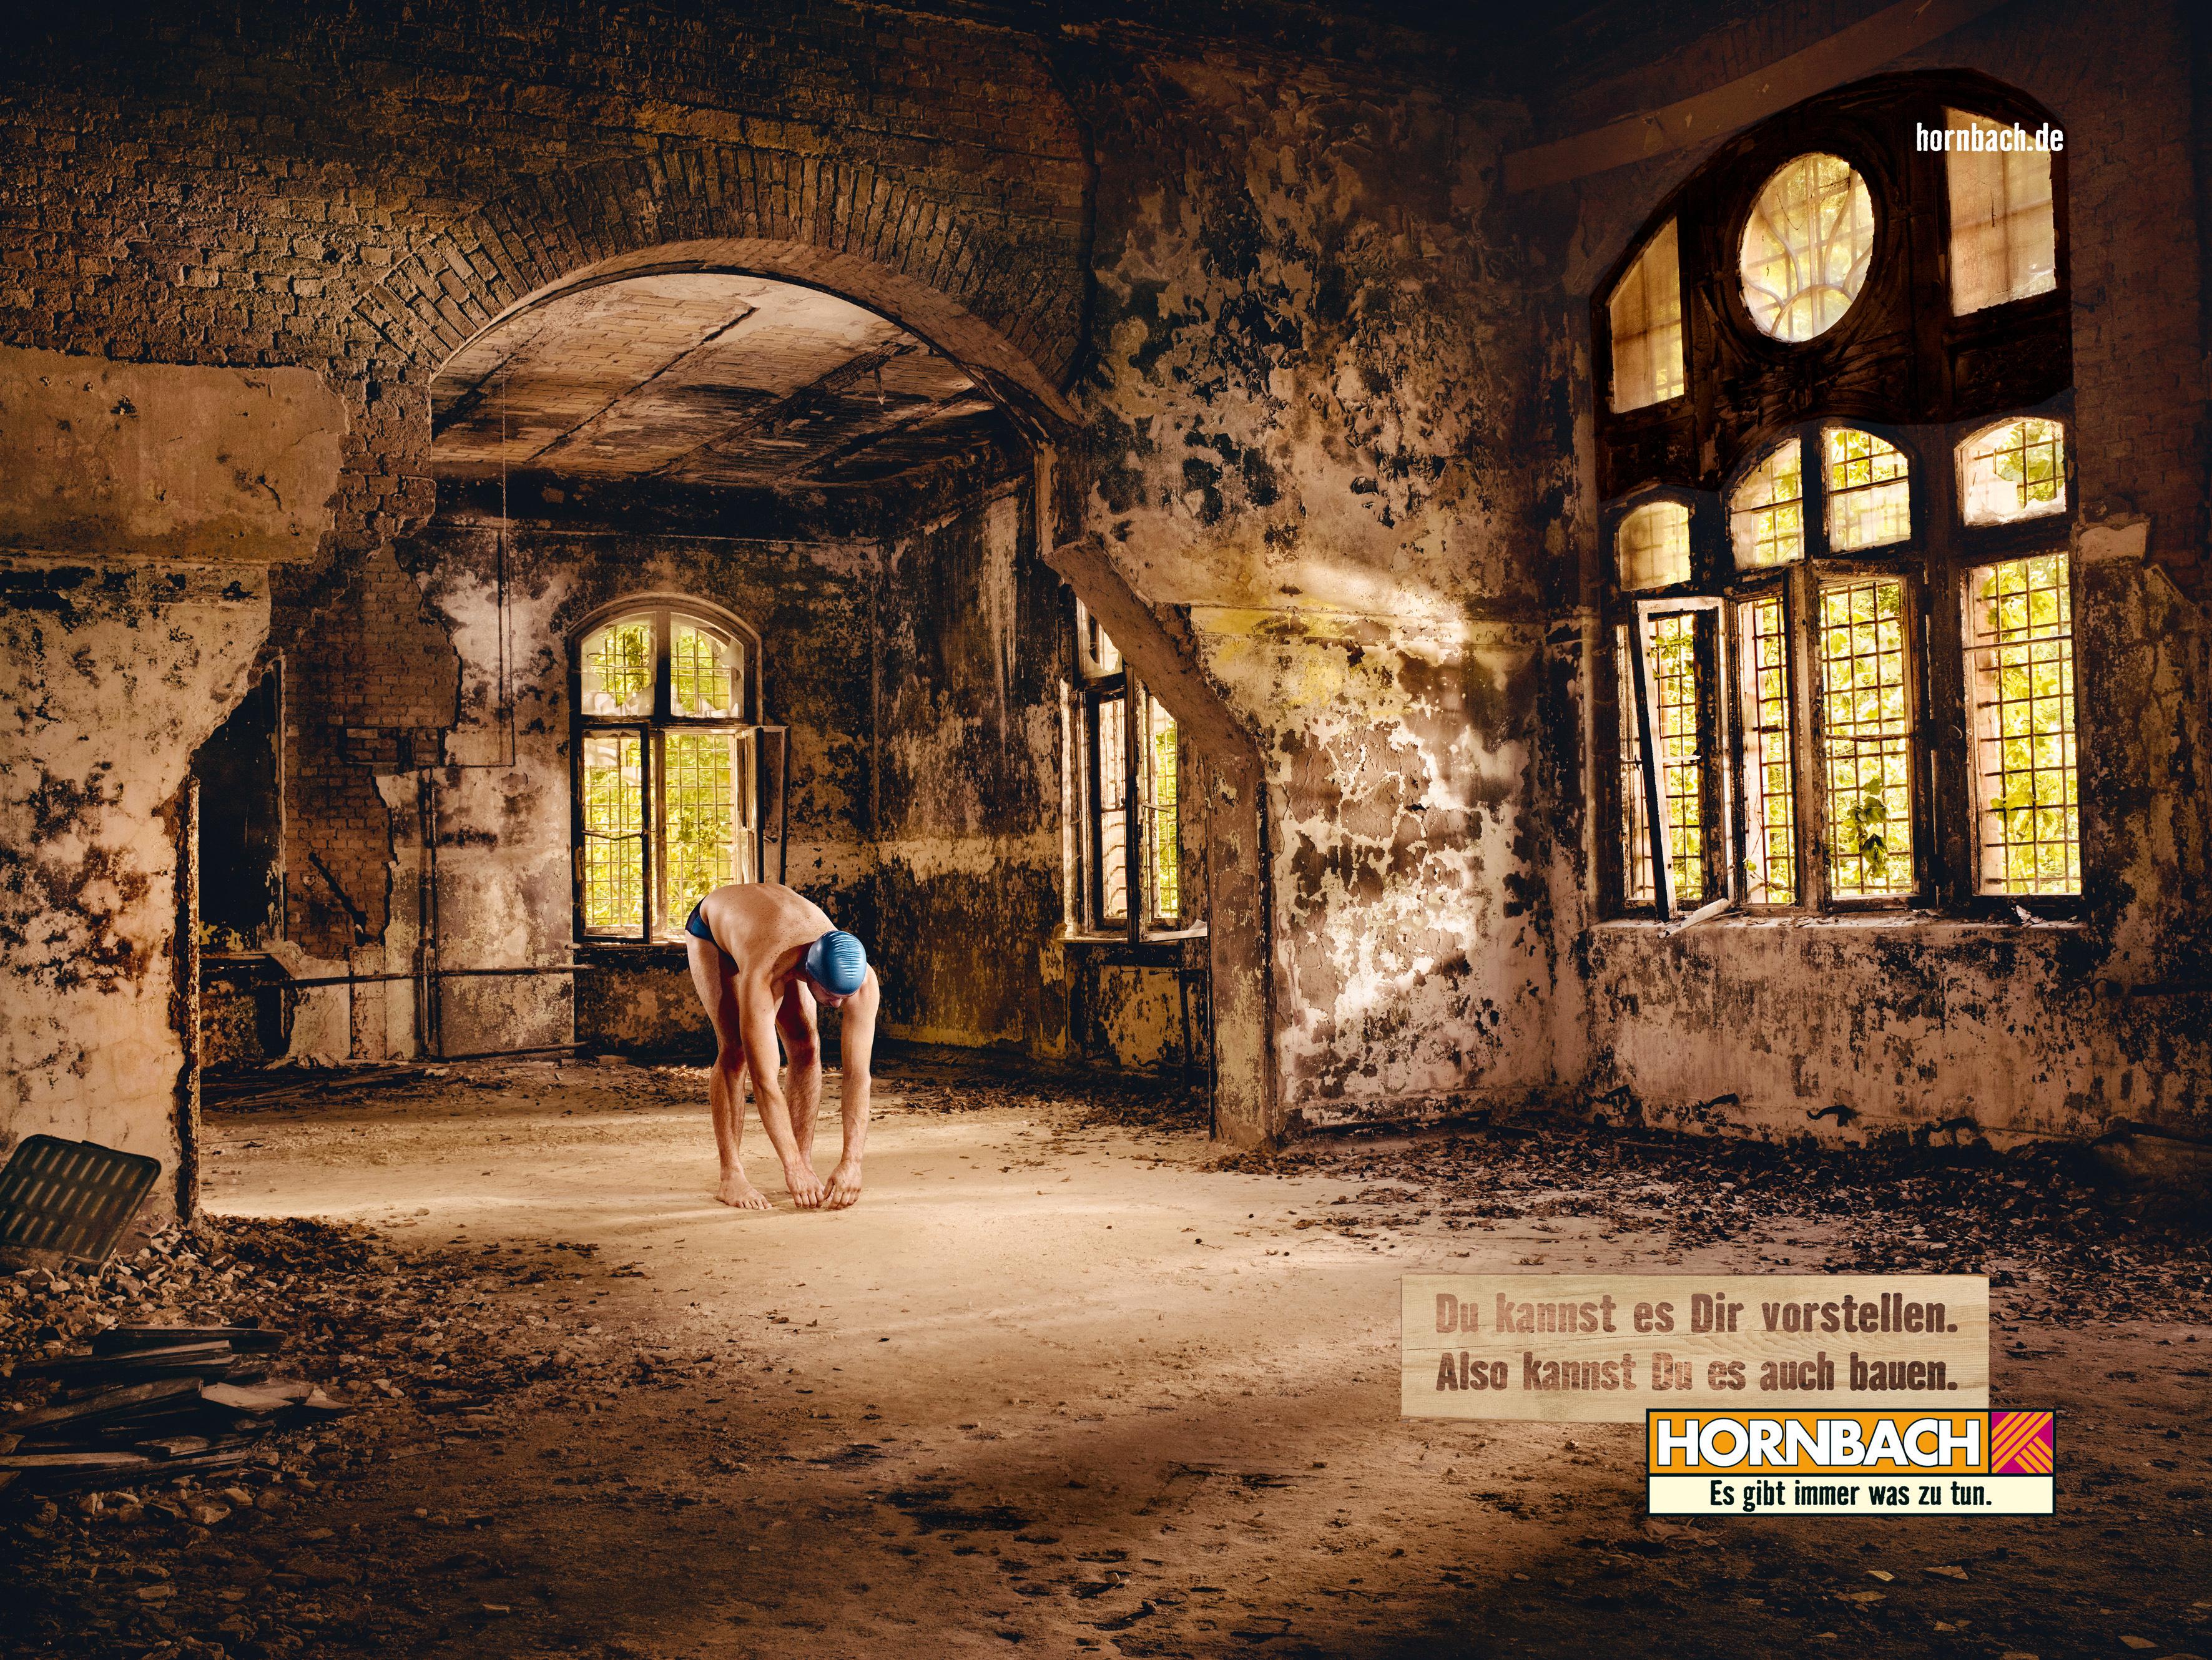 bestes kampagnen foto 2009 der schwimmer von hornbach mit bild das motiv der presseportal. Black Bedroom Furniture Sets. Home Design Ideas